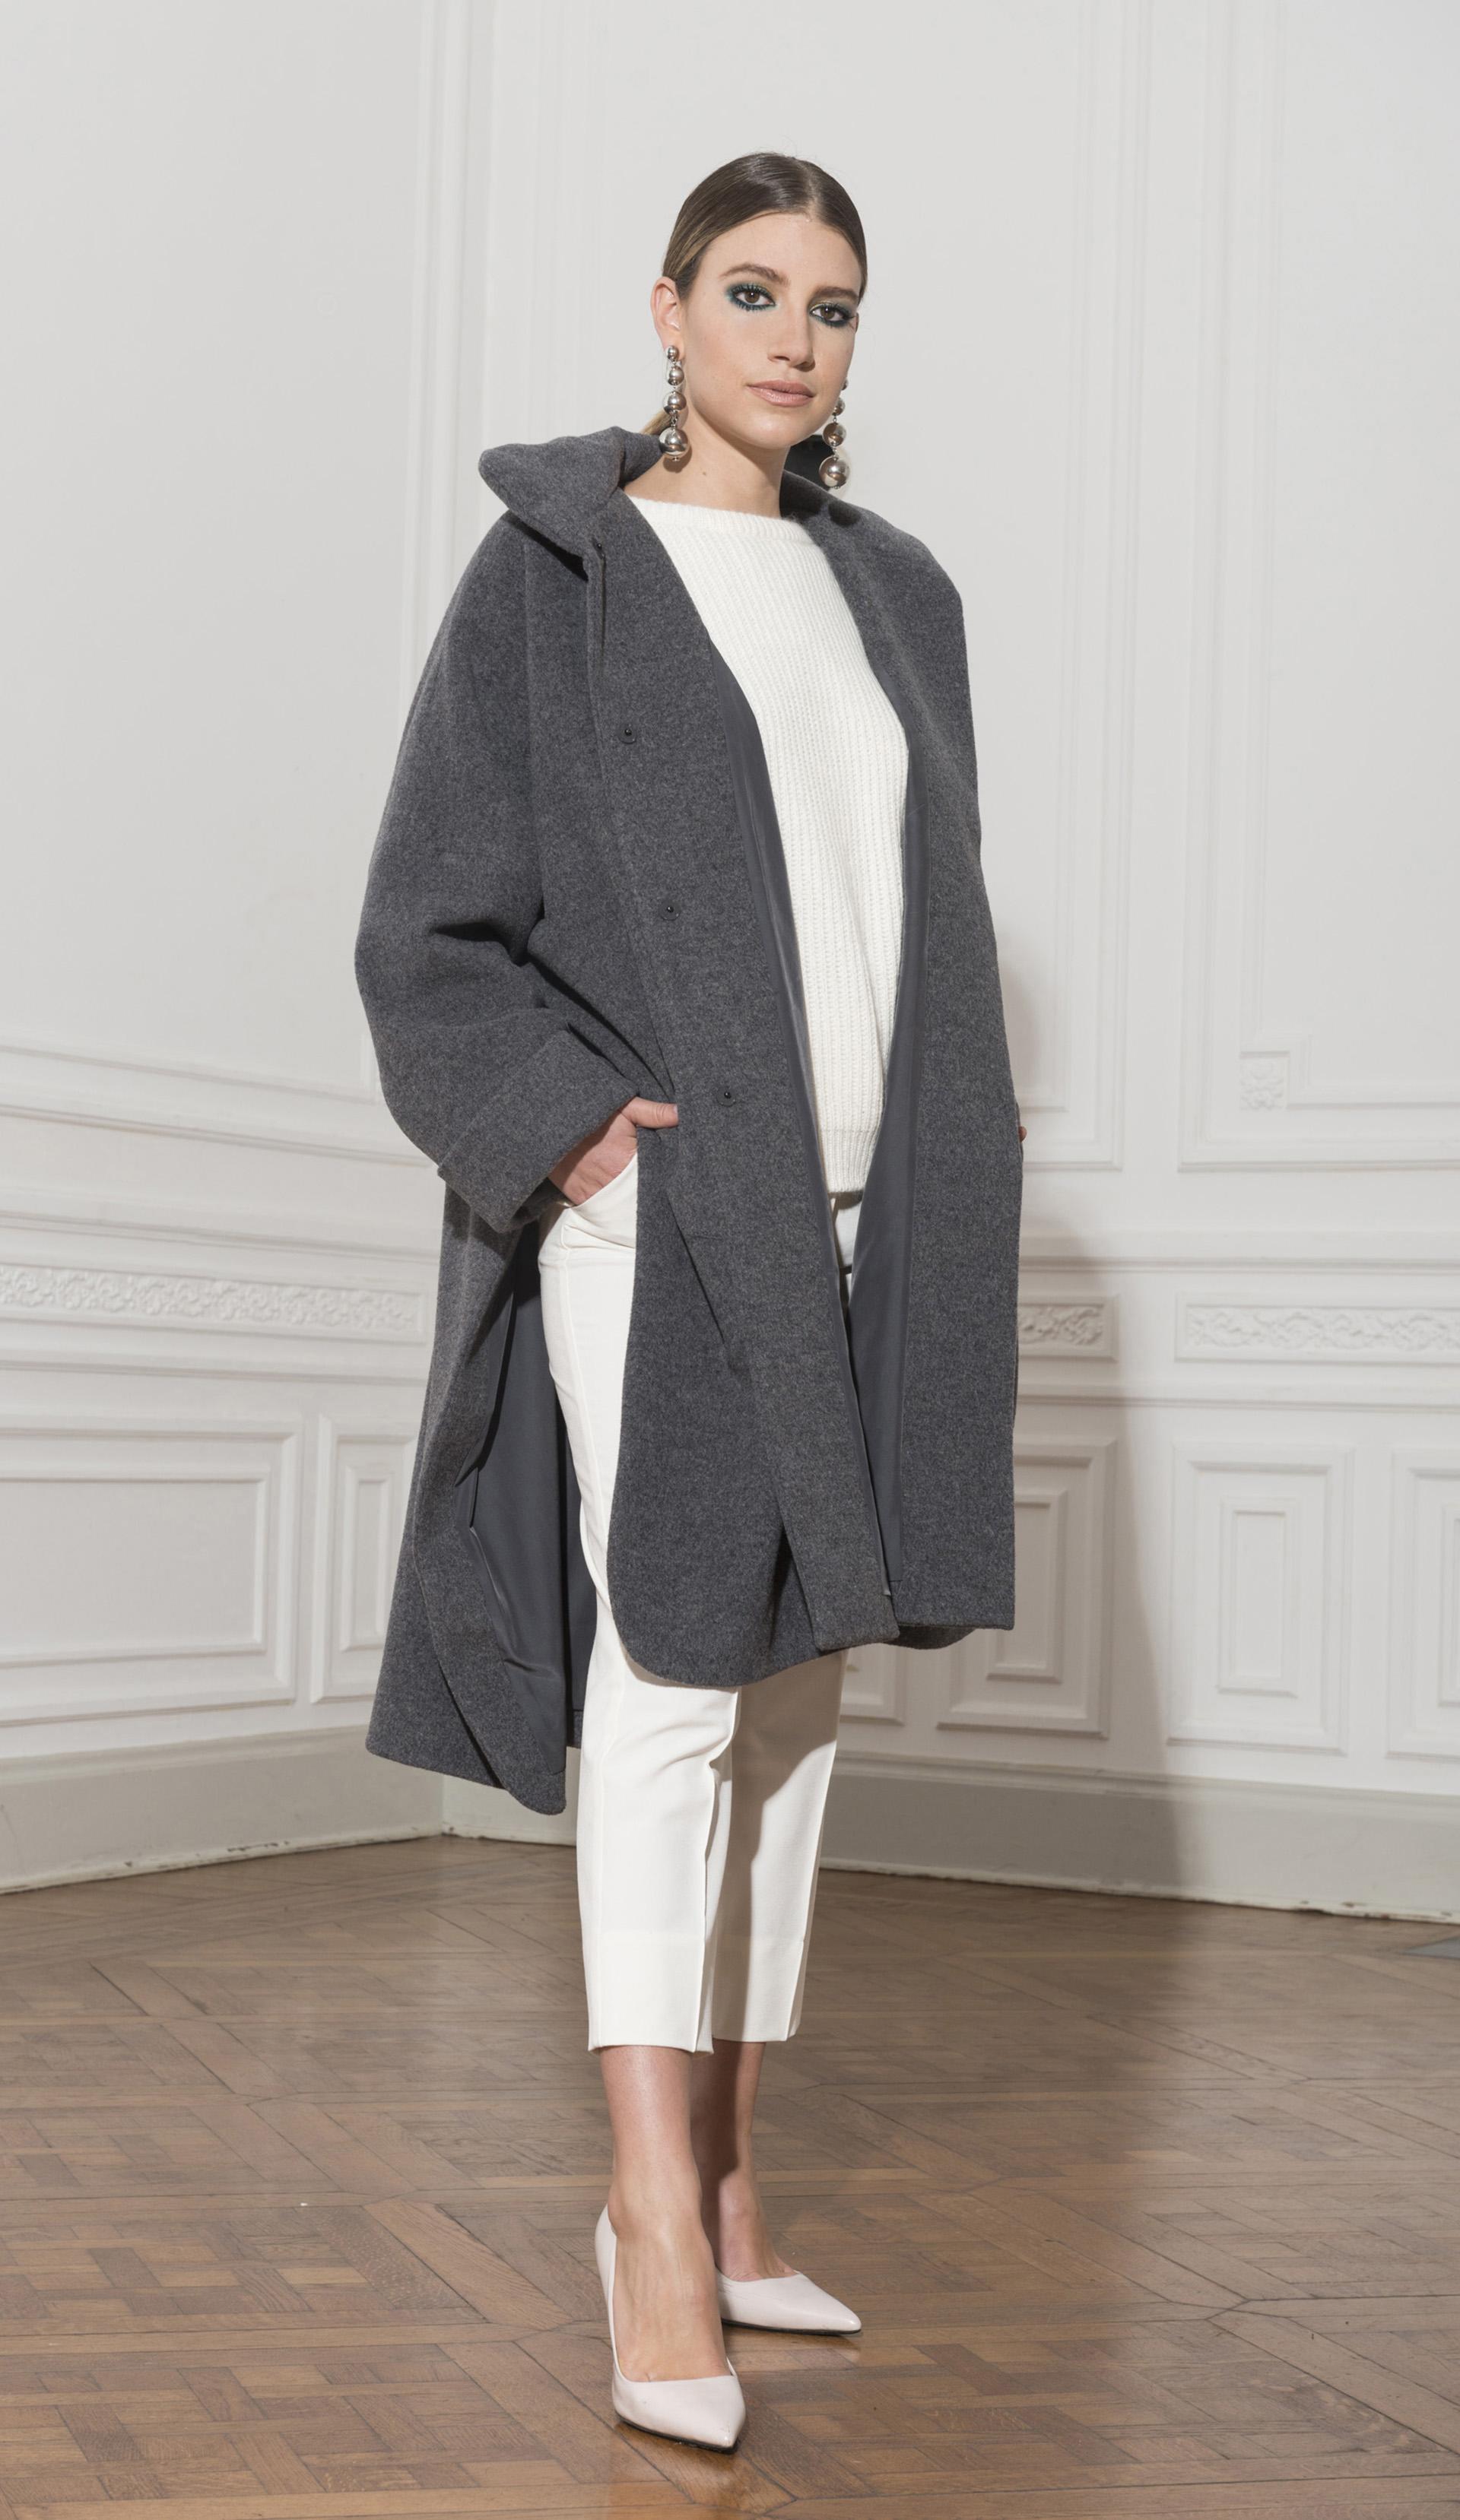 Pantalón al tobillo, sweater de lana, tapado gris con cortes by Zito y aros en cascada de círculos plateados de Luna Garzon